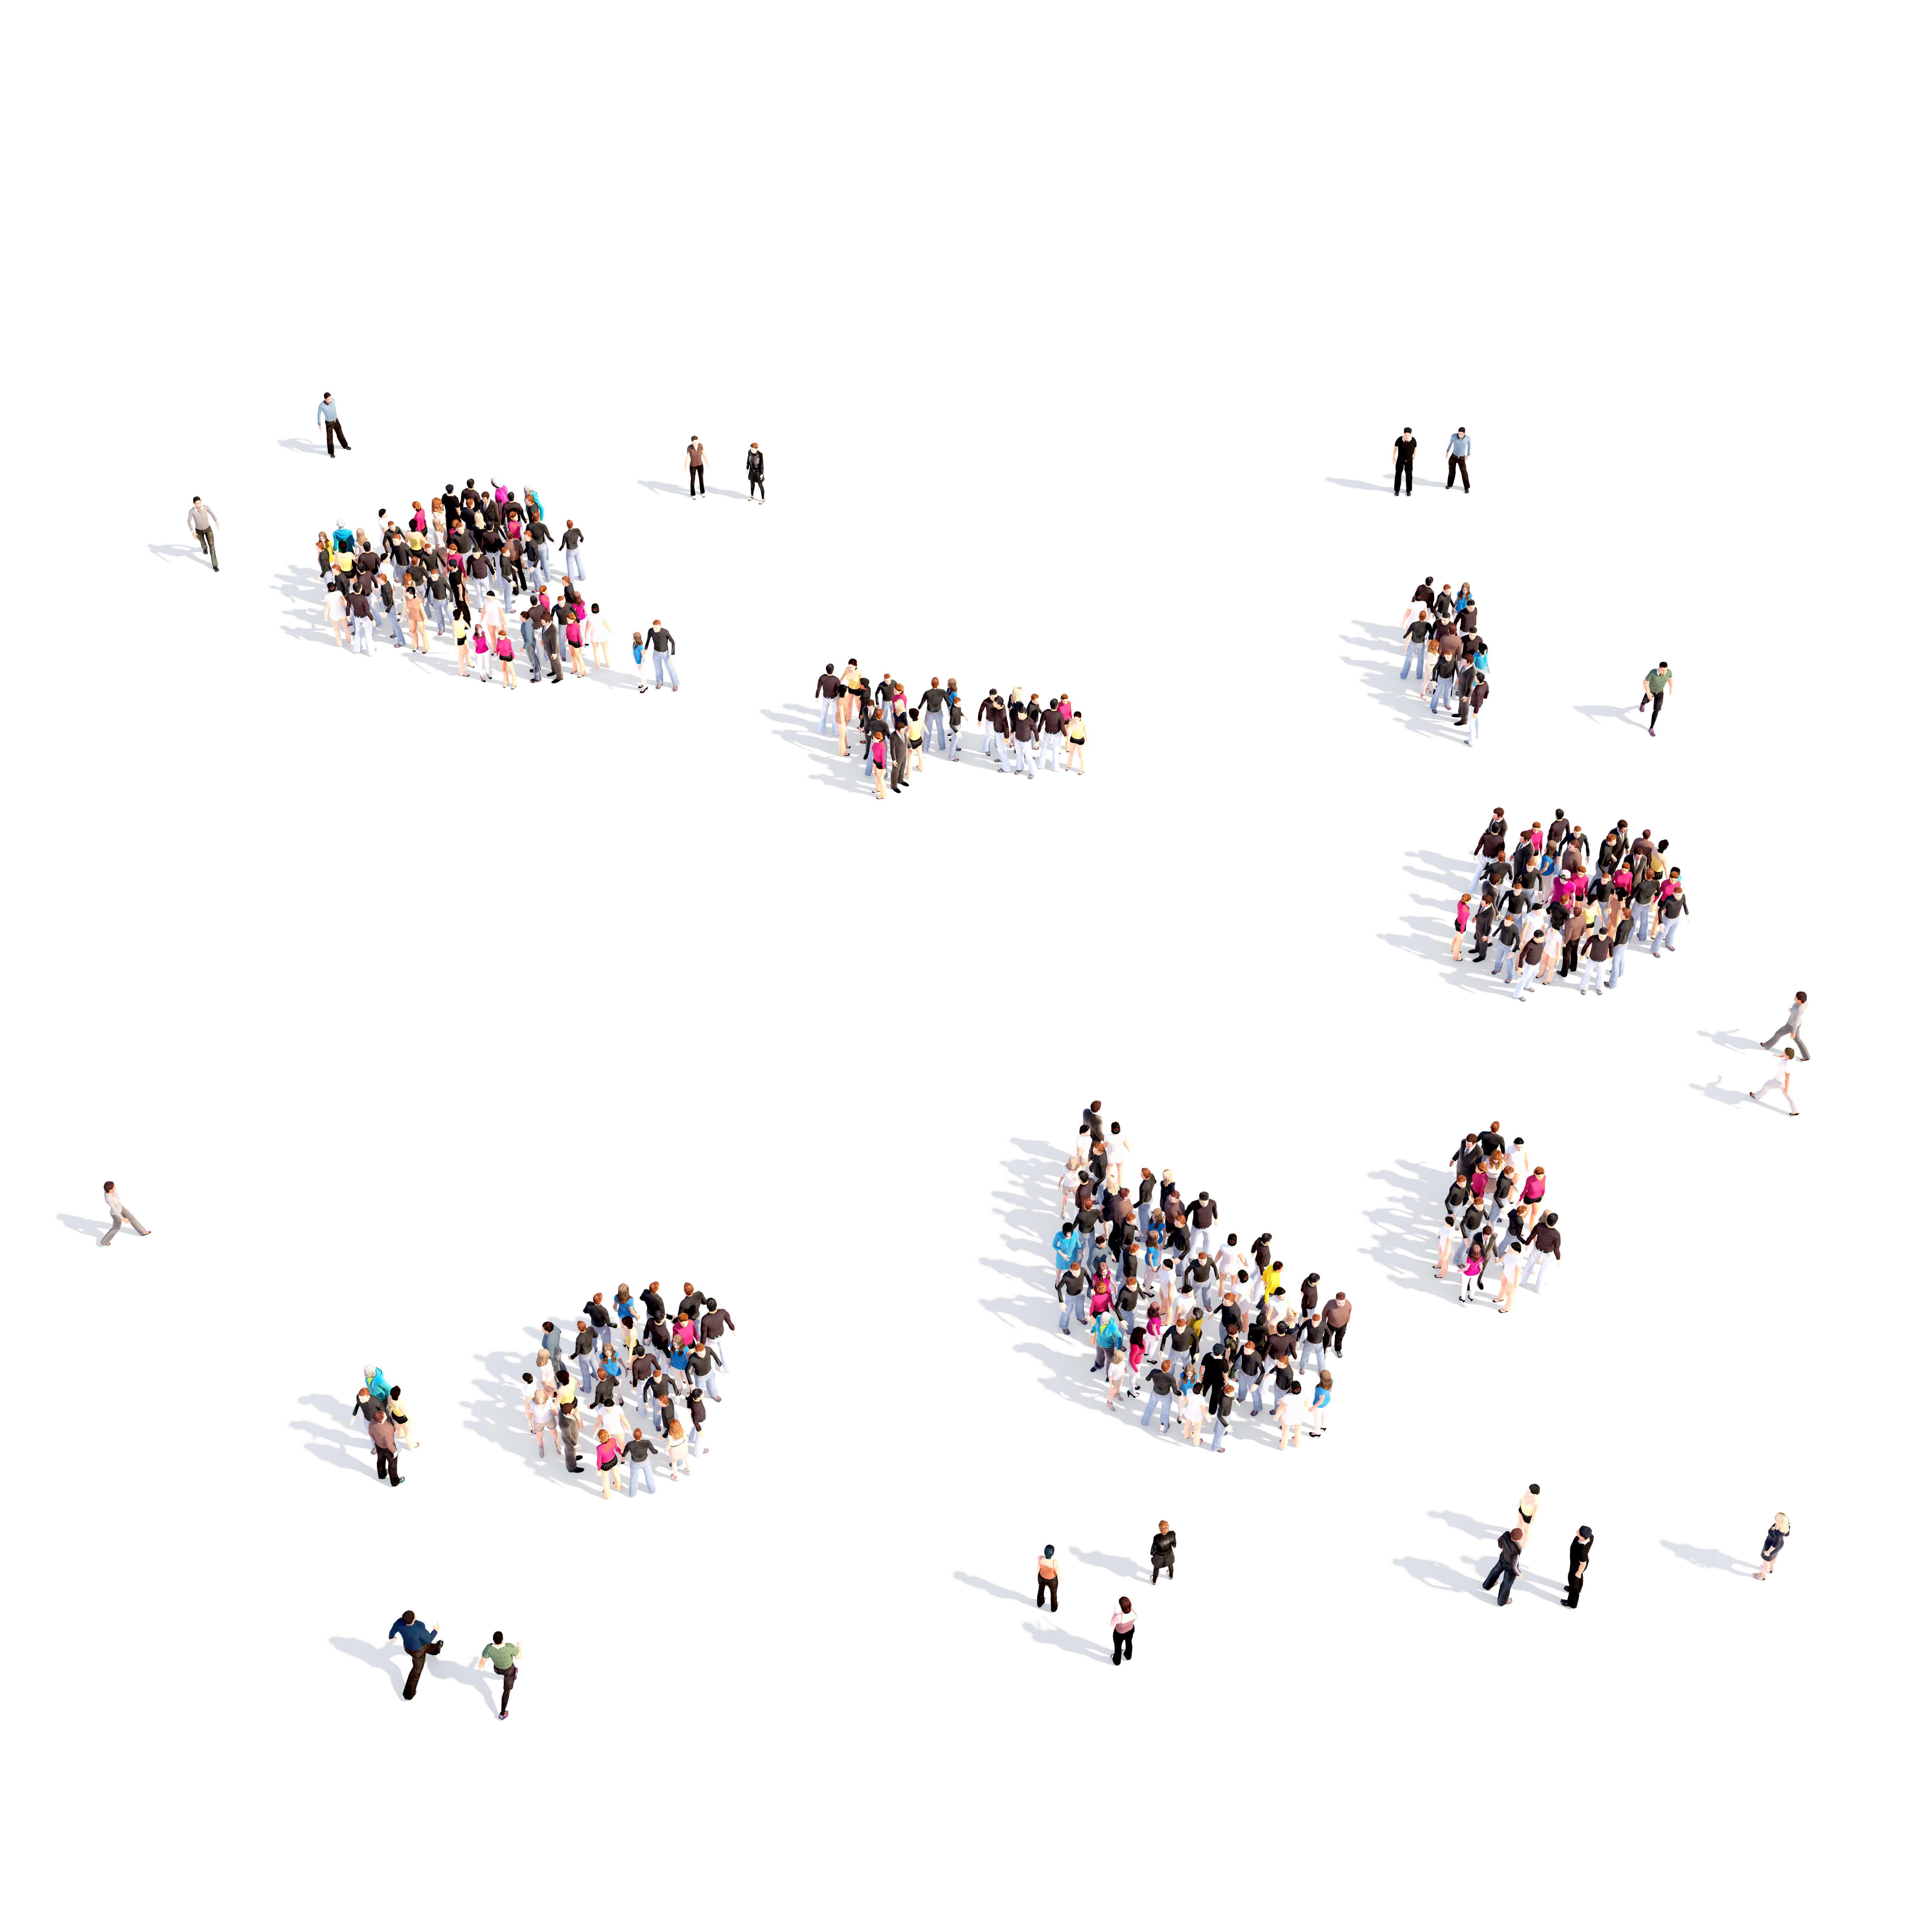 Segmentation in rule based personlization